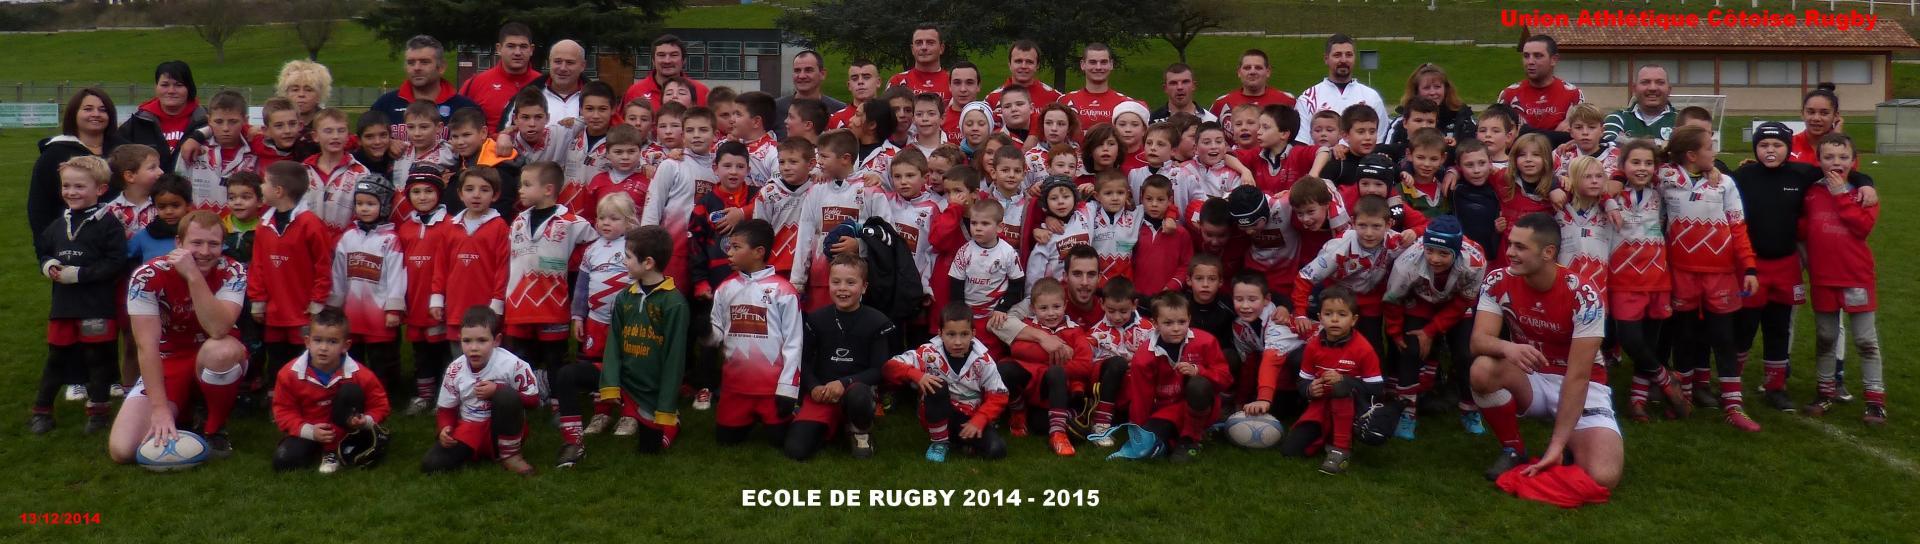 Ecole de rugby 14 12 2014 p1030220